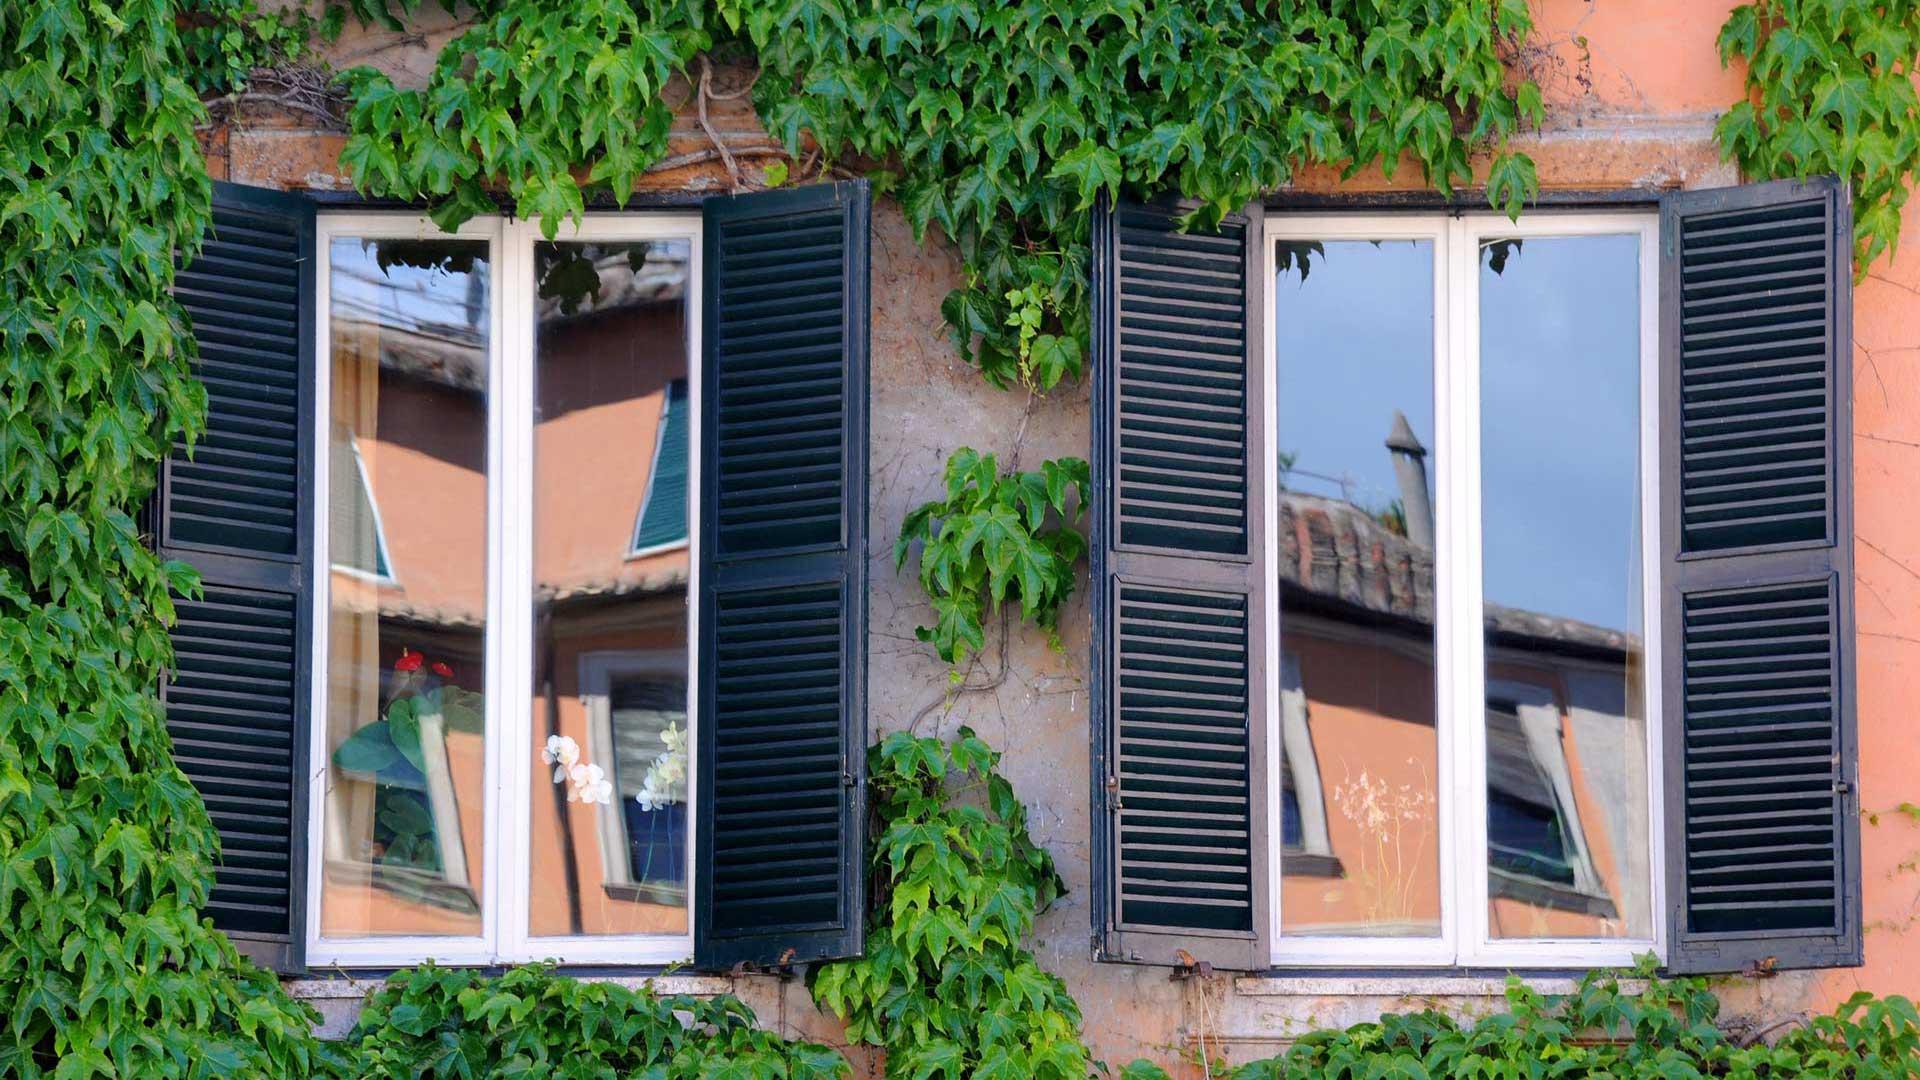 Fenêtre Pvc Bois Alu à évreux Vernon Rénovation Pose